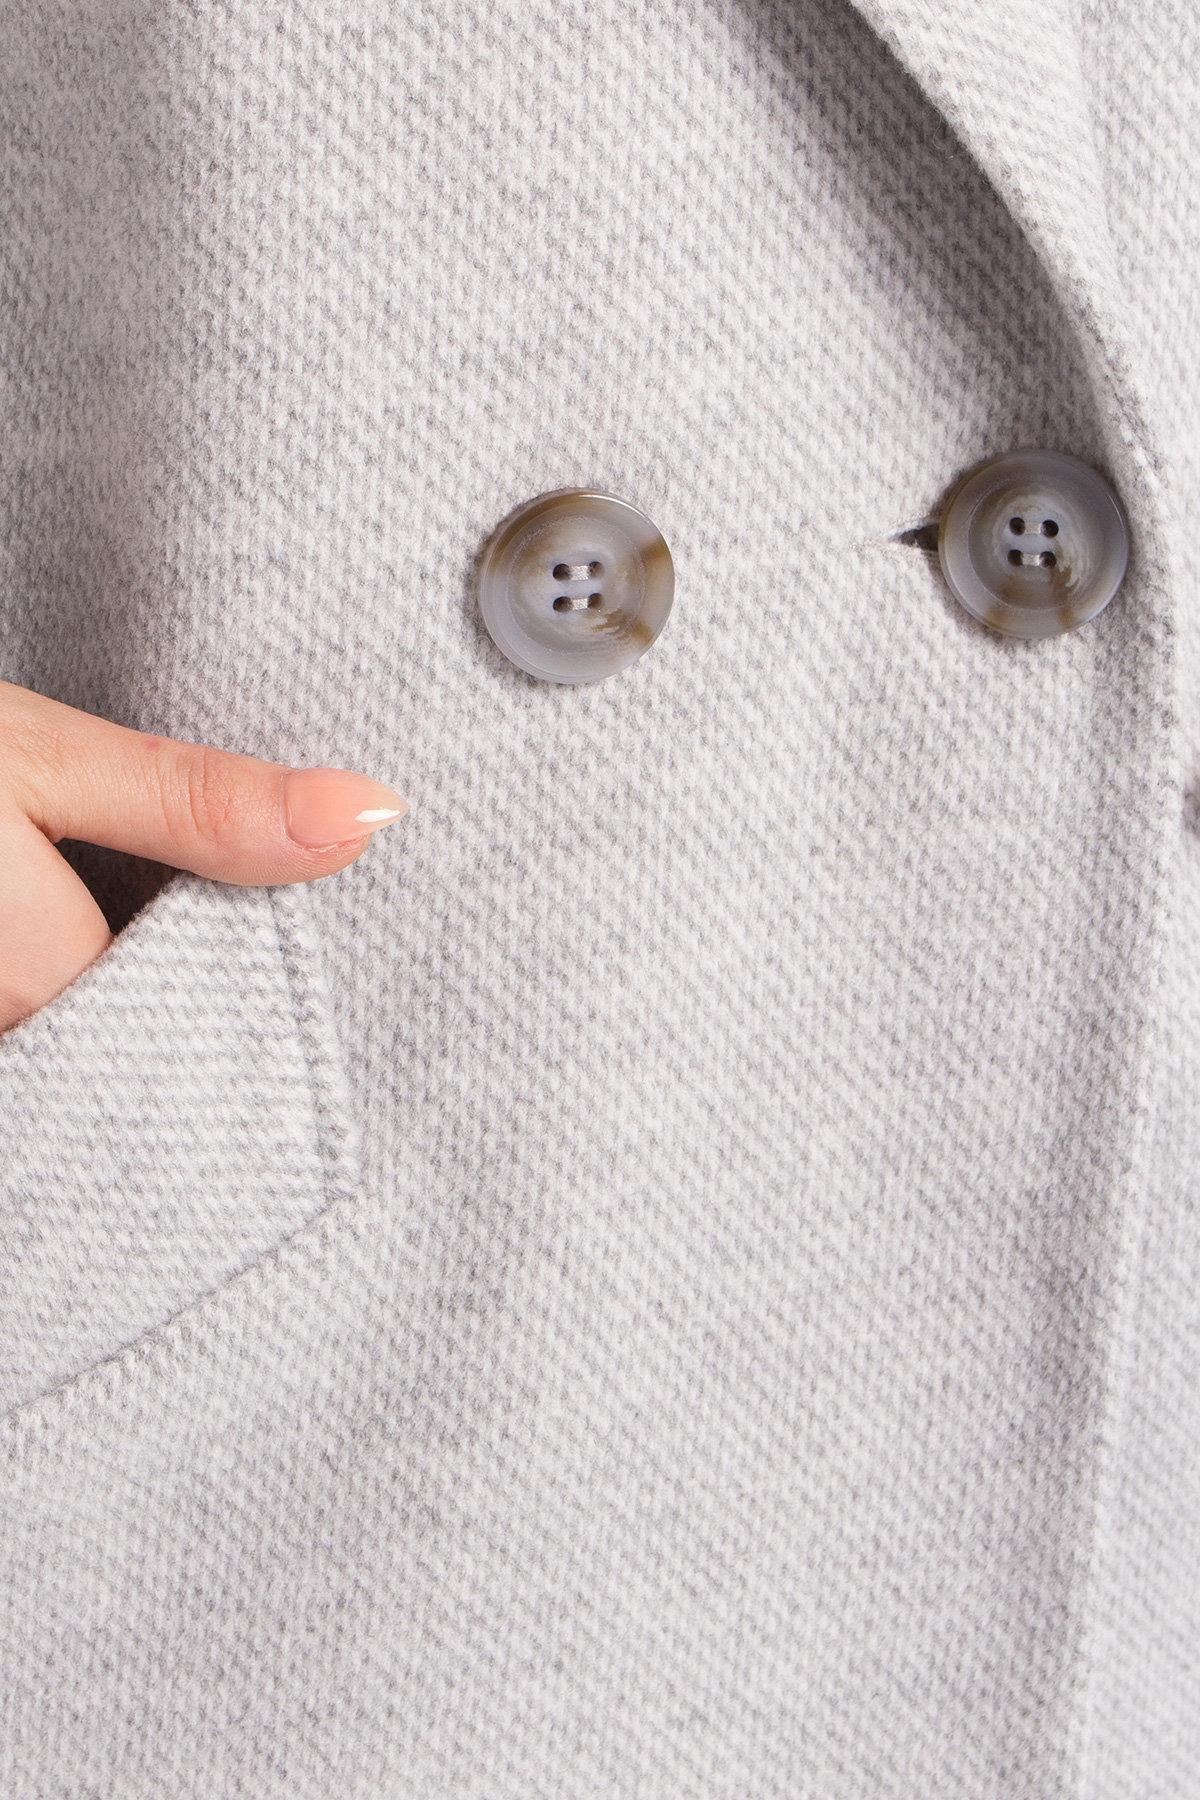 Демисезонное двубортное пальто Сенсей 8845 АРТ. 45170 Цвет: Светло серый - фото 8, интернет магазин tm-modus.ru